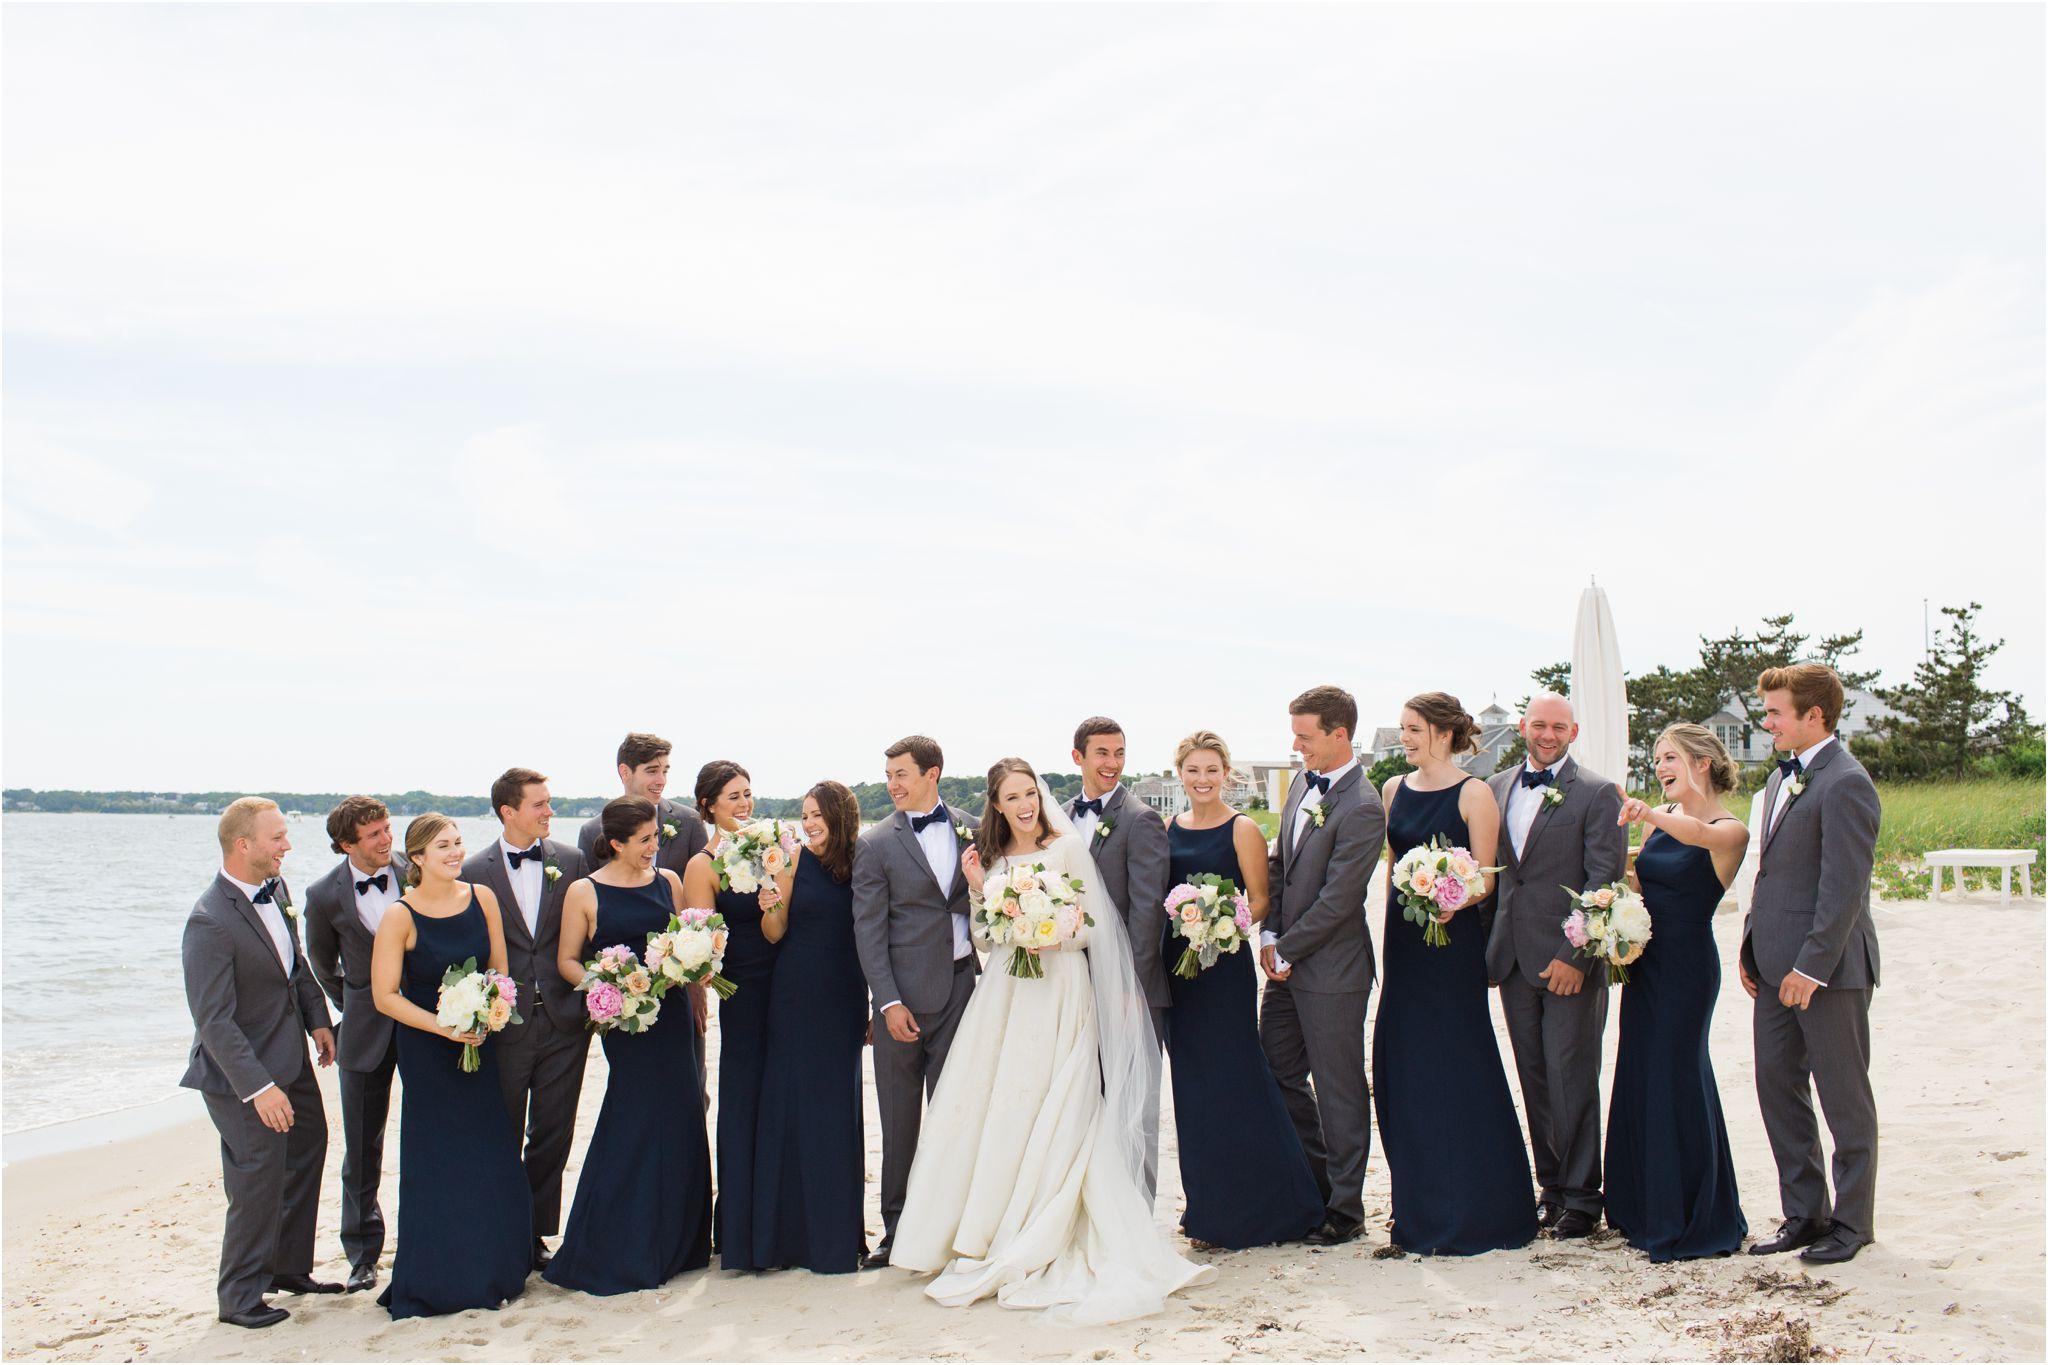 wianno-club-wedding-photos_00049.JPG